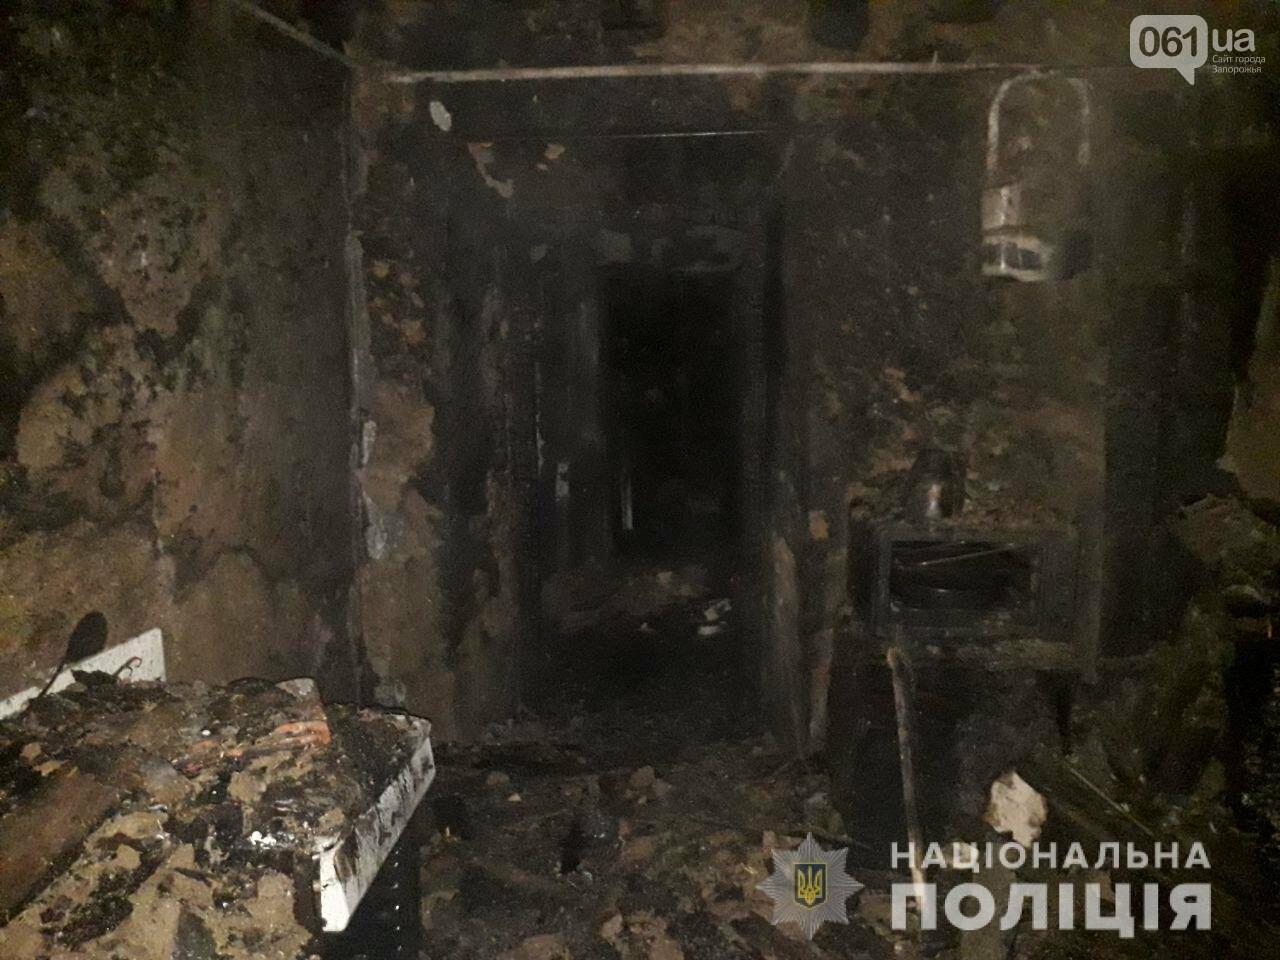 Трагедия под Запорожьем. При пожаре погибли двое детей: их мать повесилась, пока тушили огонь, фото-2